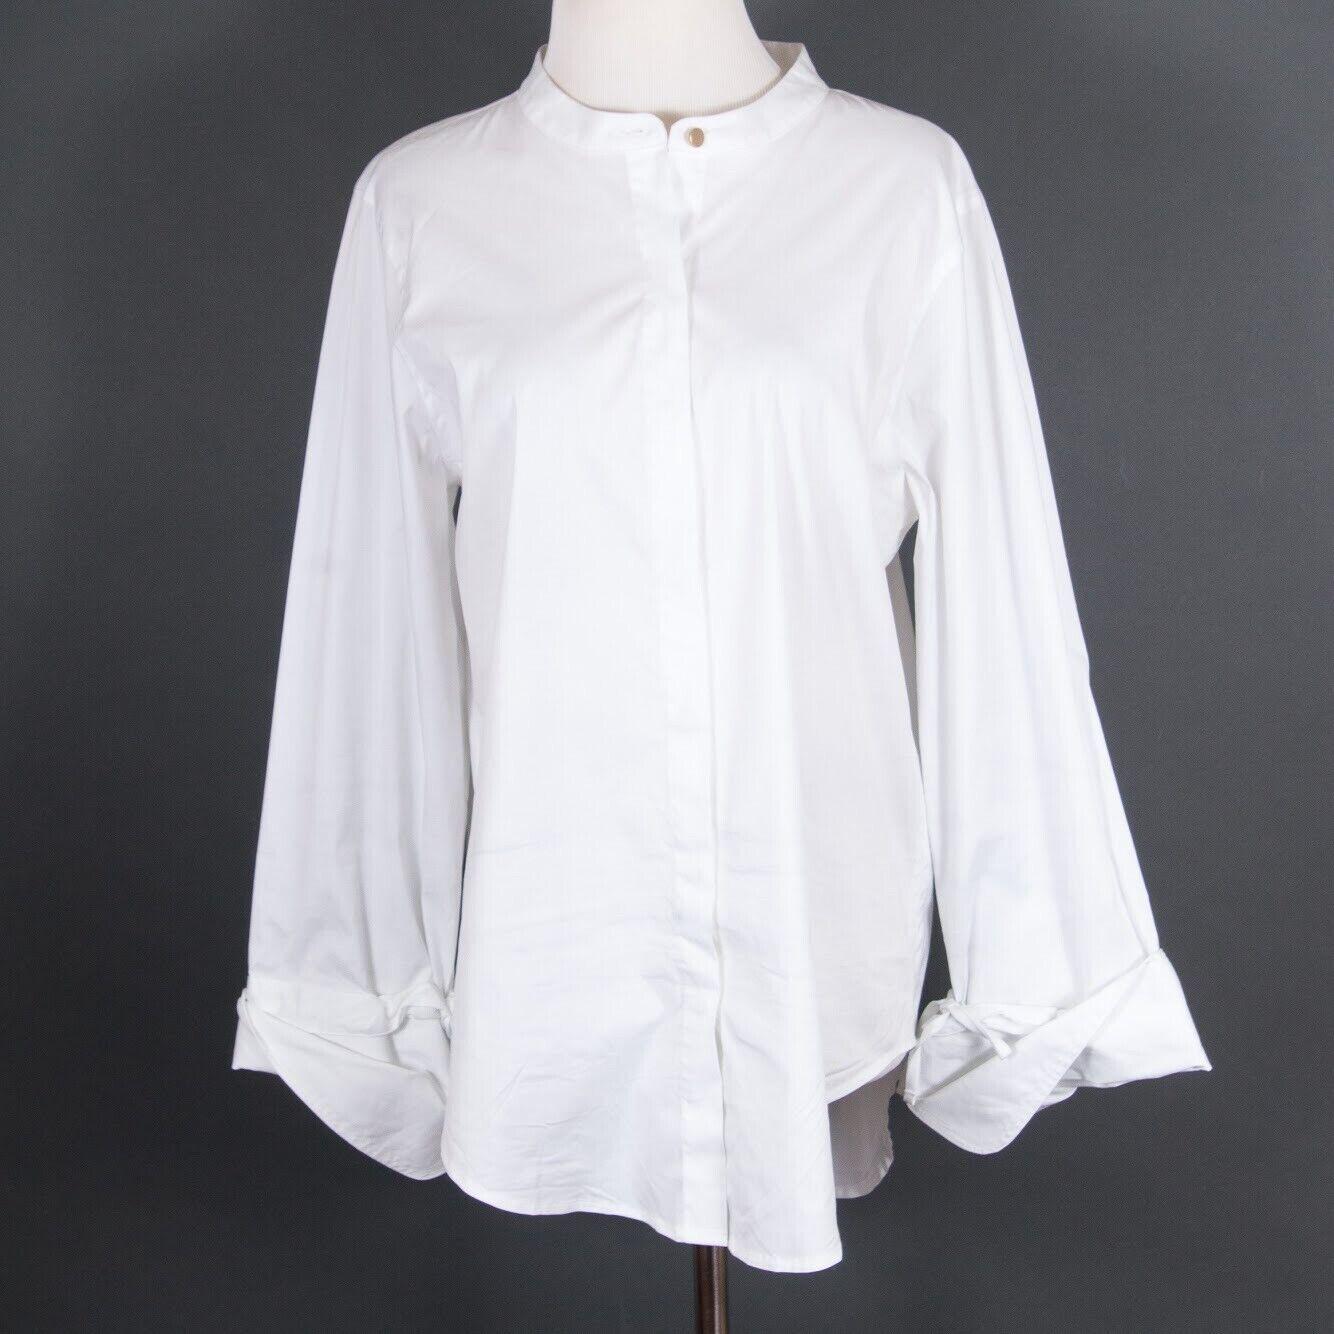 women Karan Blouse Shirt Button Up White Cotton Blnd Mandarin Collar Tie Cuffs M